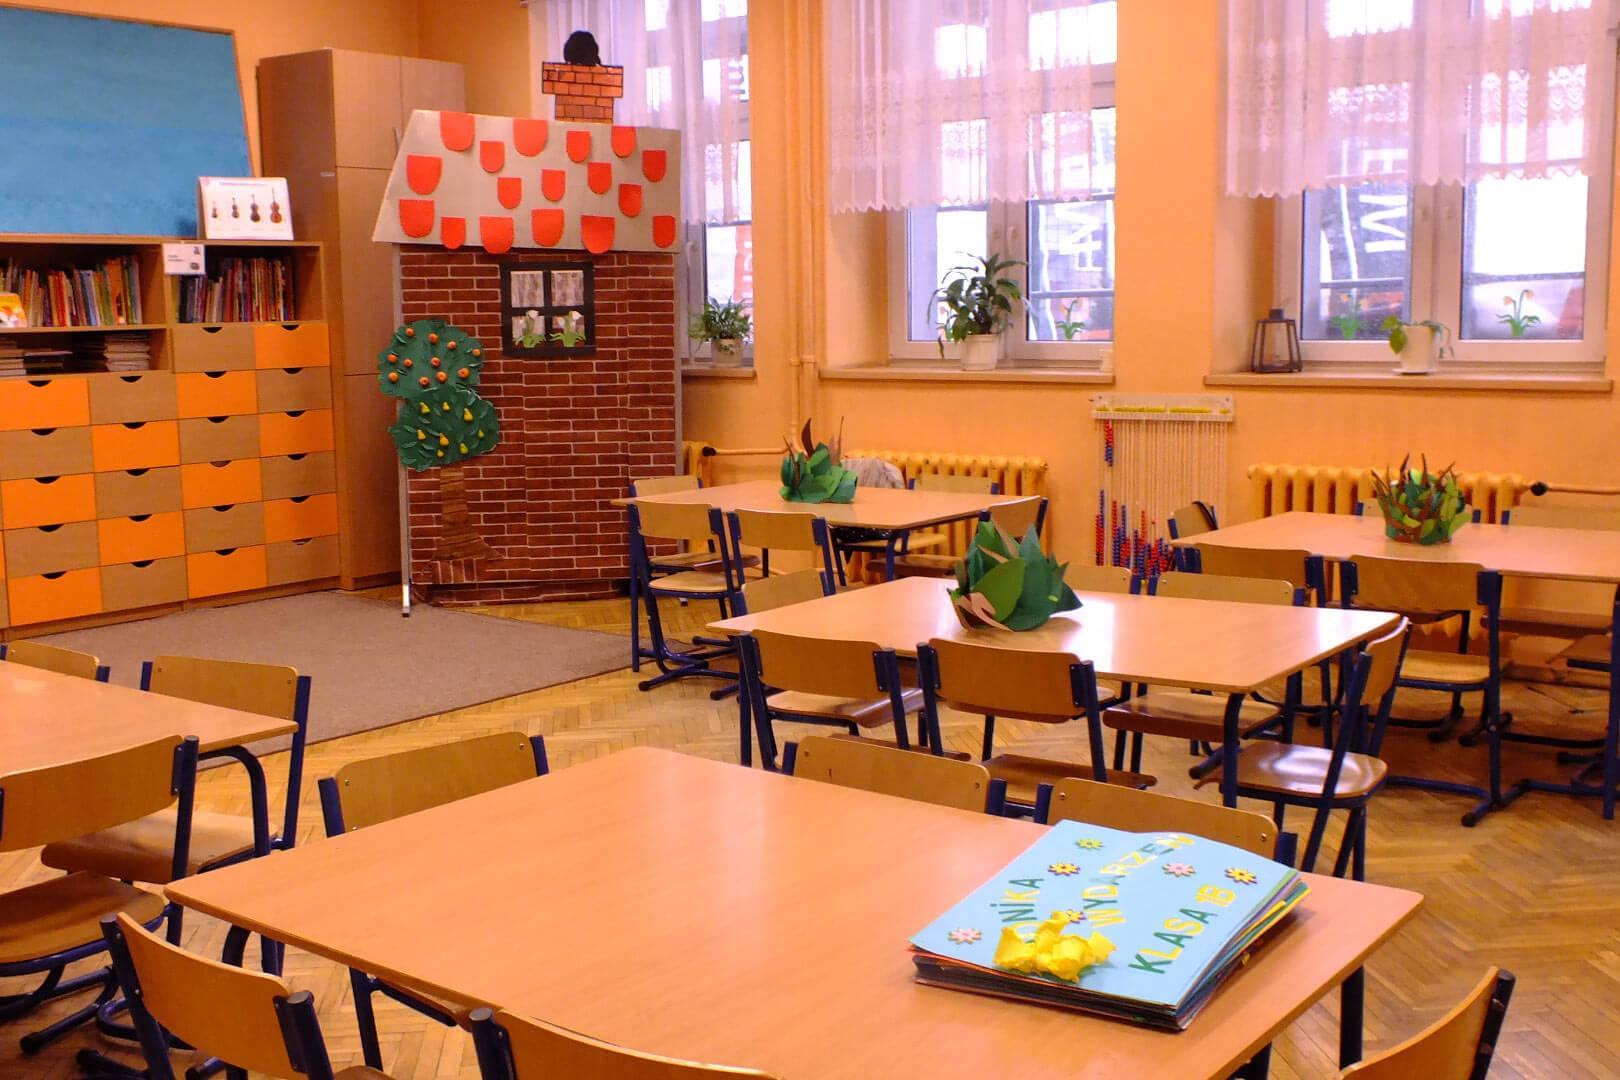 Szkoła Podstawowa nr 43 w Krakowie. Sala lekcyjna